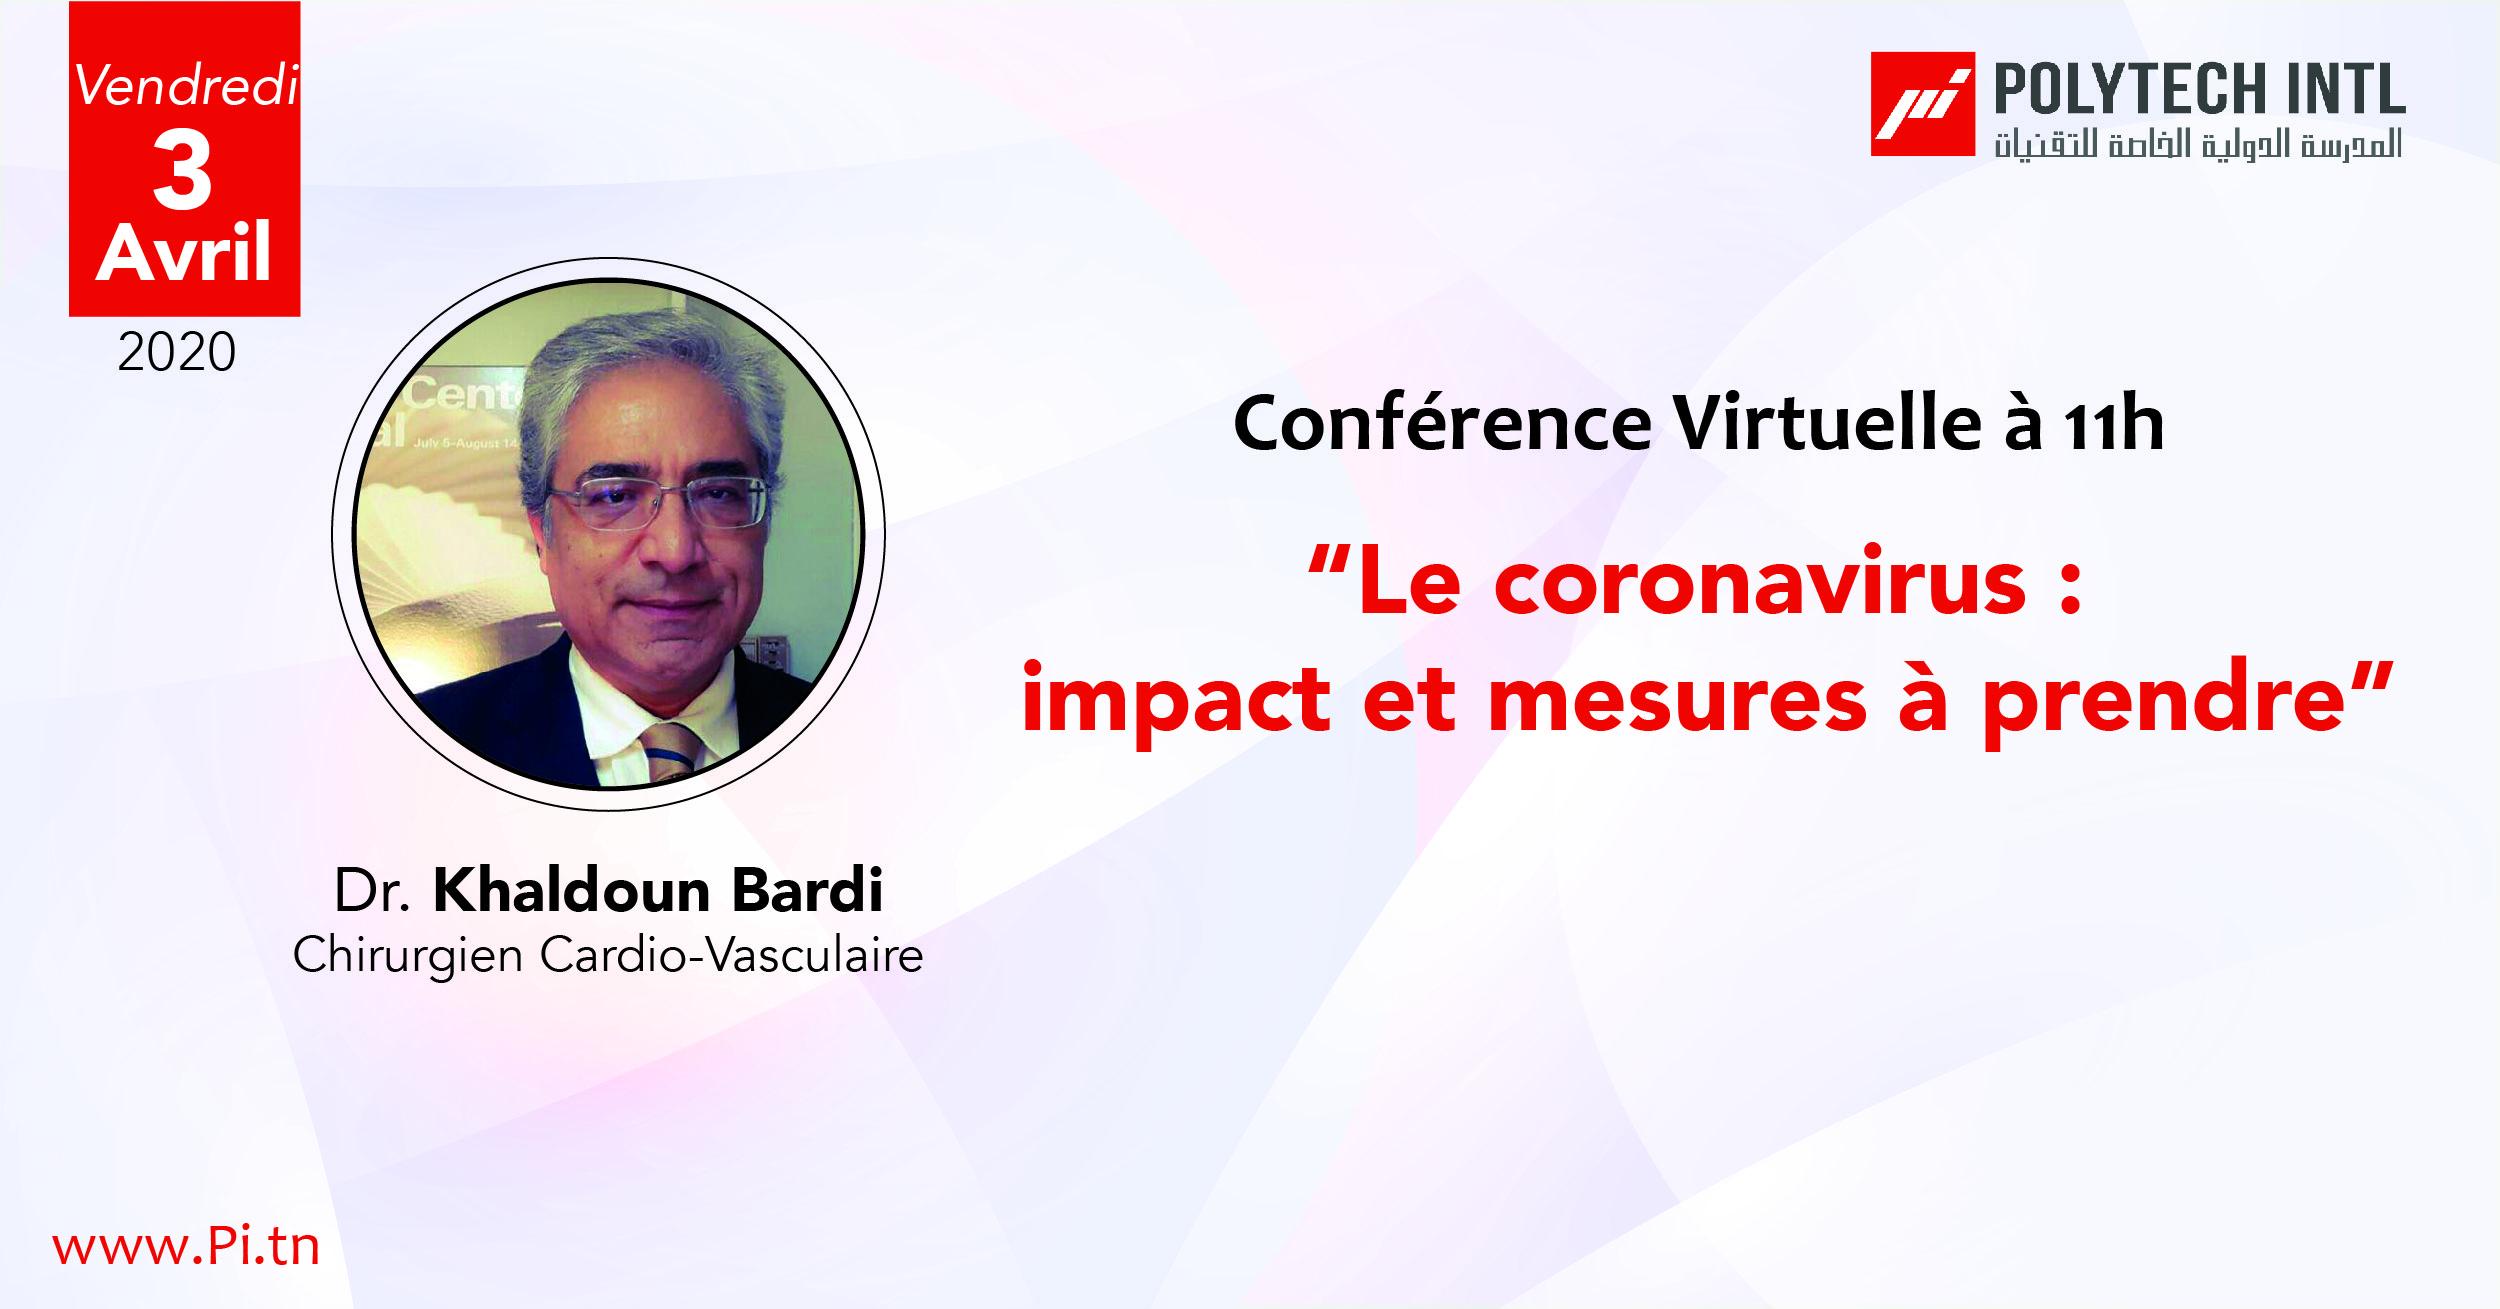 Le coronavirus : impact et mesures à prendre